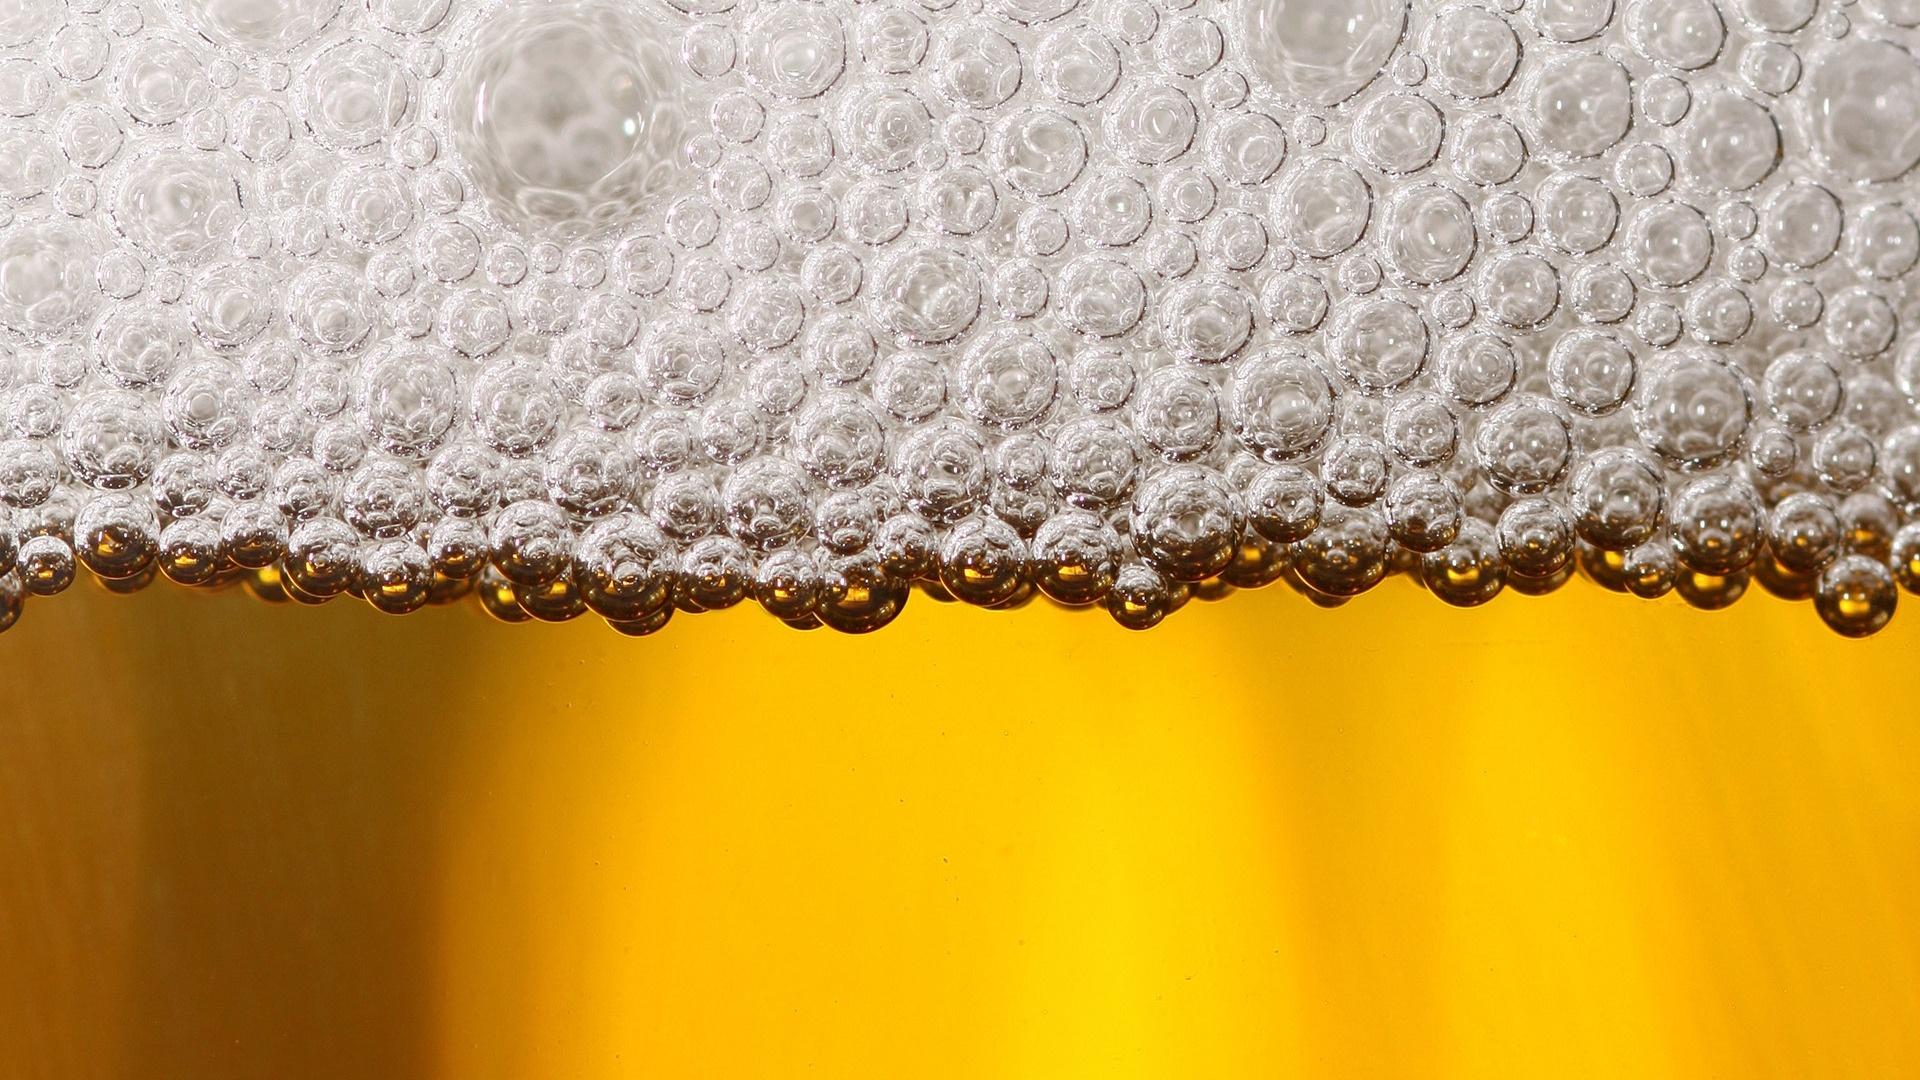 Beer Background Wallpaper